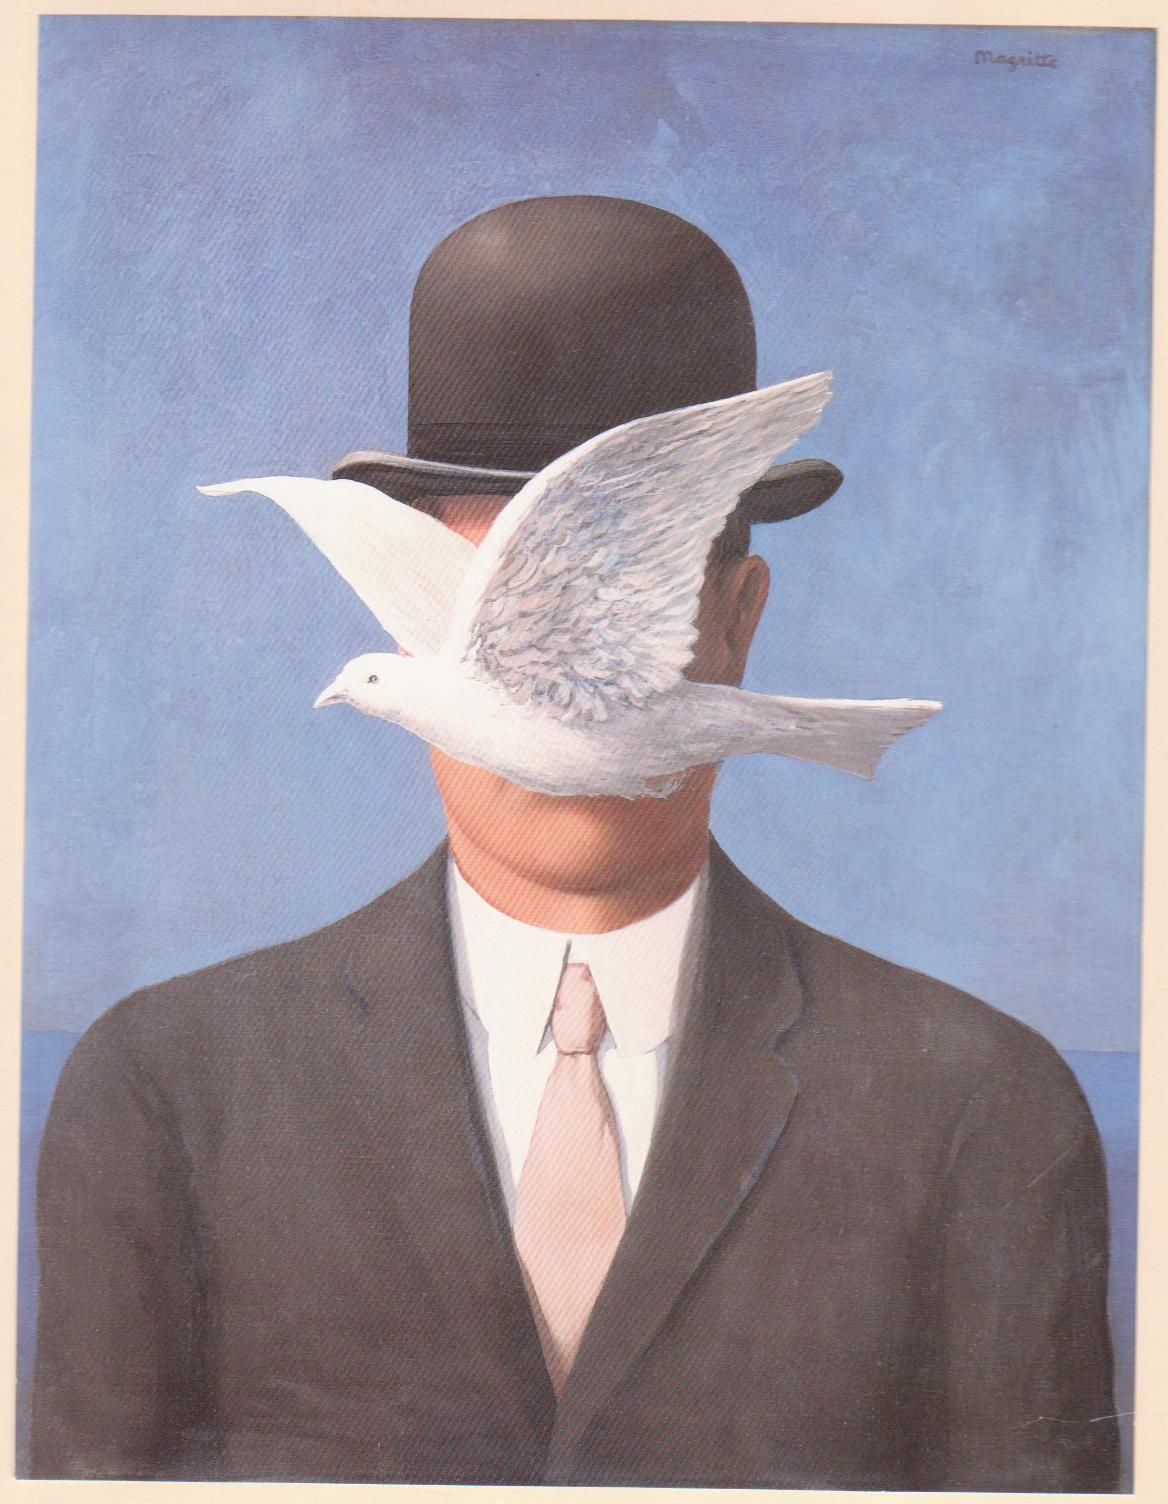 Kom het werk van de surrealistische kunstenaar uit de collectie van de Koninklijke Musea voor Schone Kunsten van België zien.